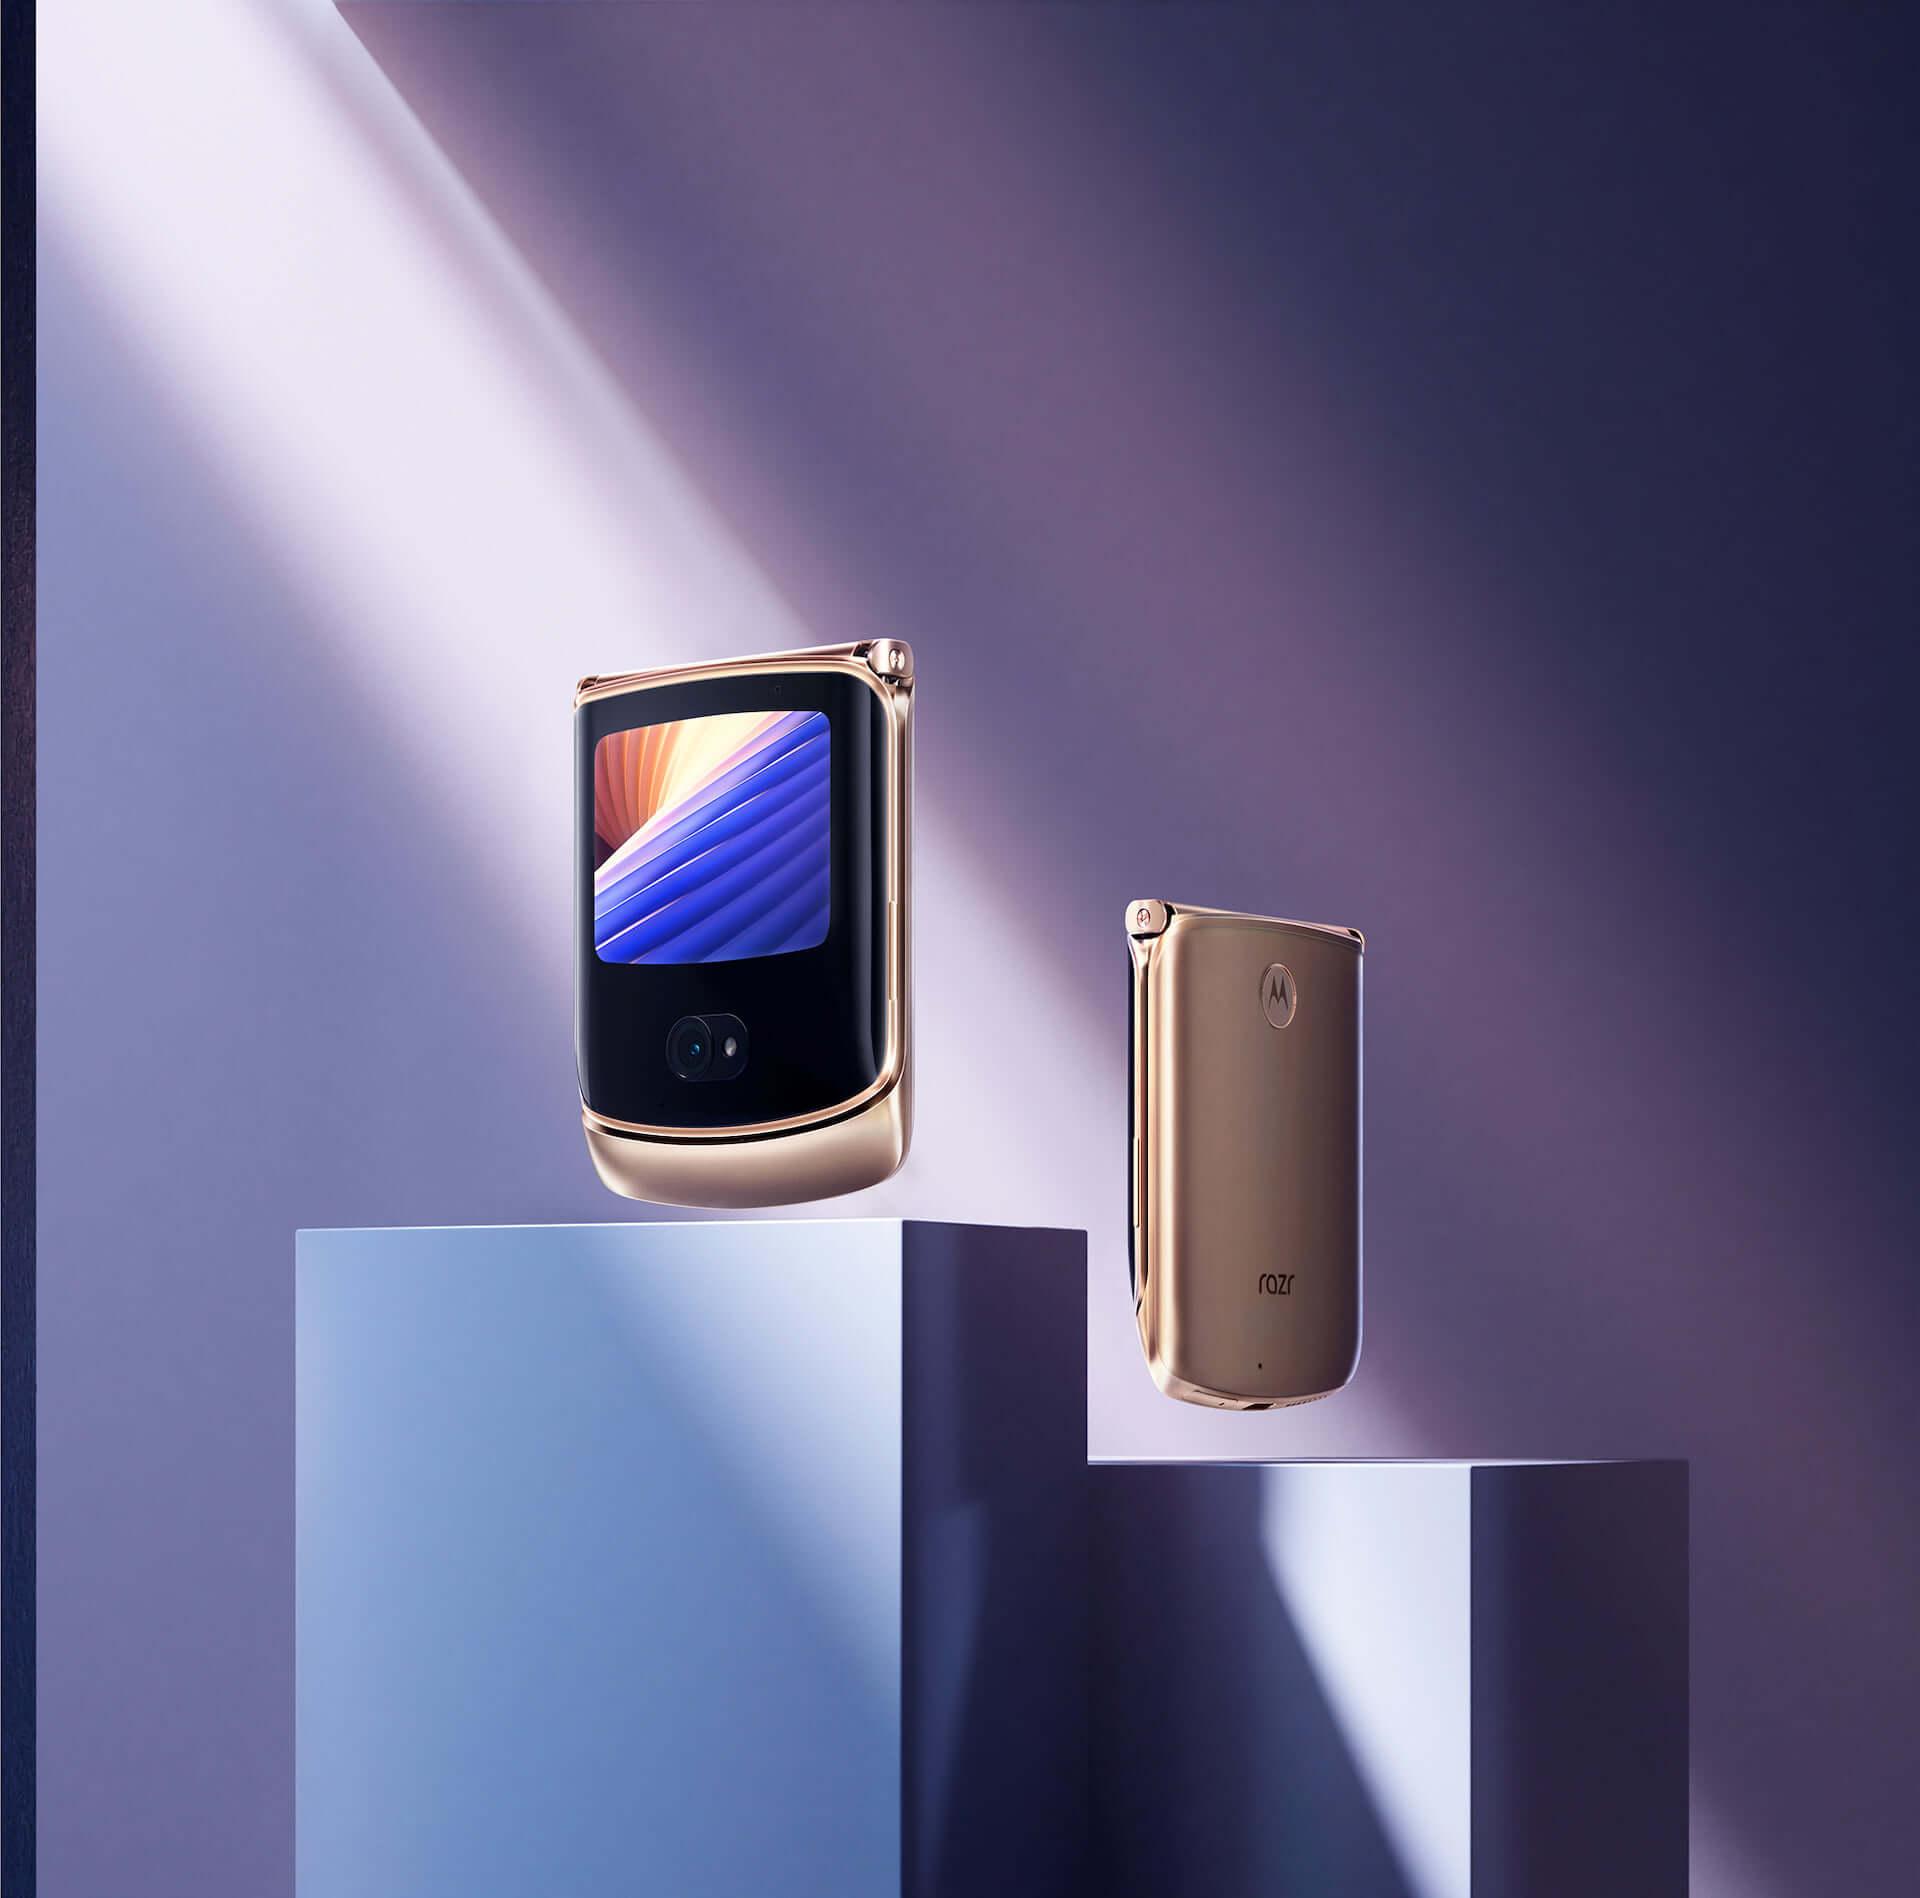 折りたたみ式5G対応スマホ『motorola razr 5G』に限定カラー「Blush Gold」が登場!+Styleにて国内独占販売 tech210319_motorola-razr-5G_1-1920x1898